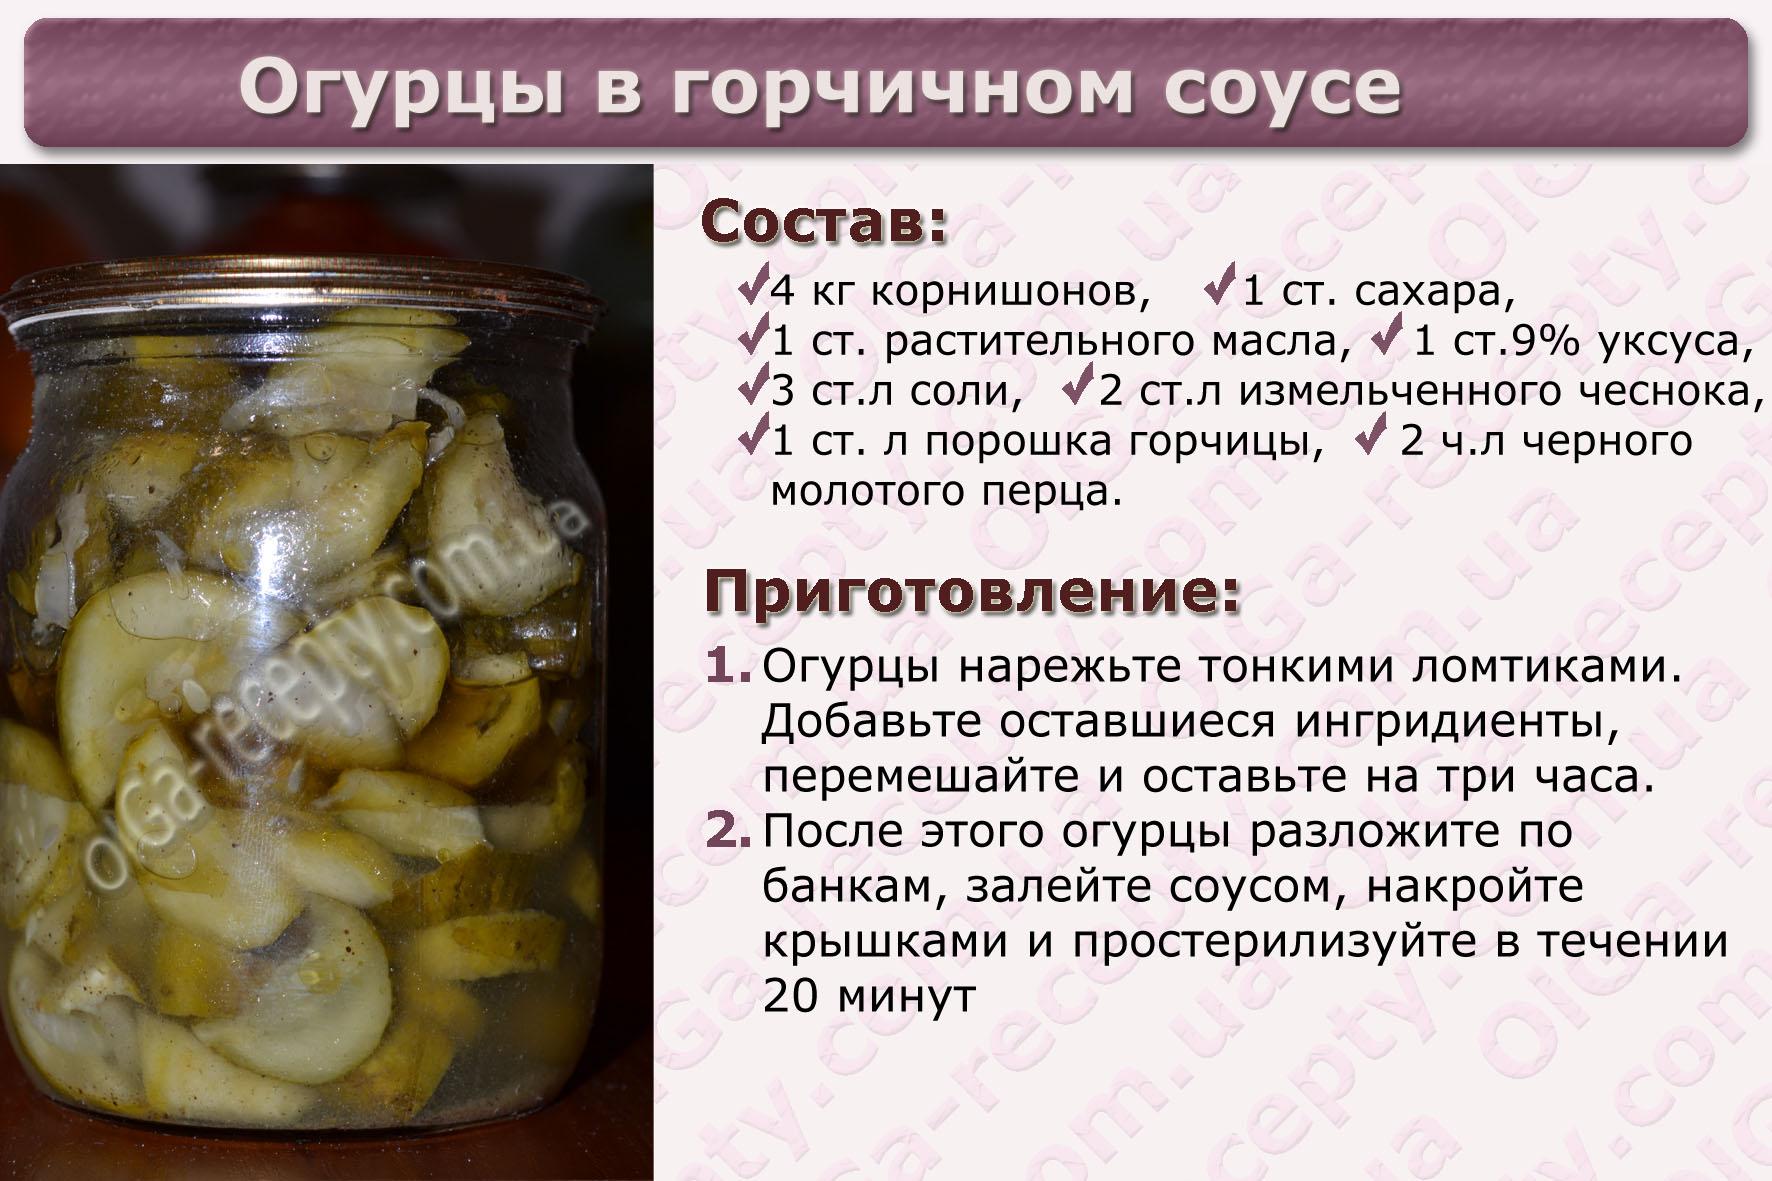 4 лучших пошаговых рецепта приготовления огурцов зимний король и условия хранения